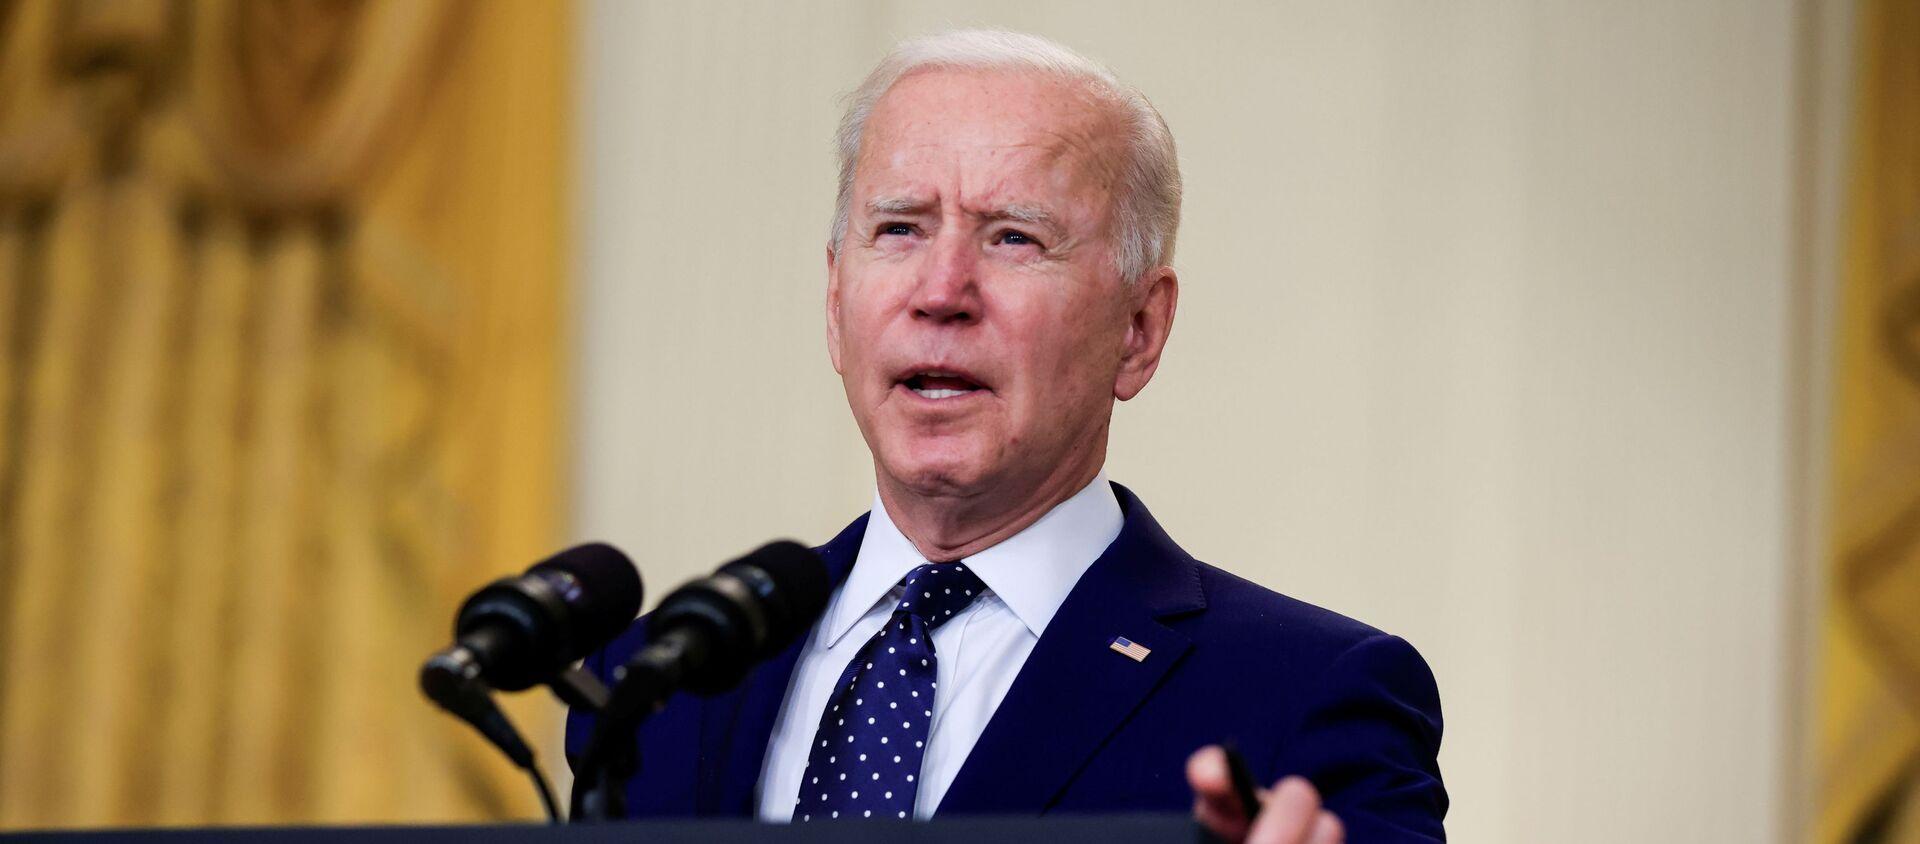 Tổng thống Hoa Kỳ Joe Biden có bài phát biểu về Nga tại Sảnh Đông của Nhà Trắng ở Washington DC, Hoa Kỳ. - Sputnik Việt Nam, 1920, 16.04.2021